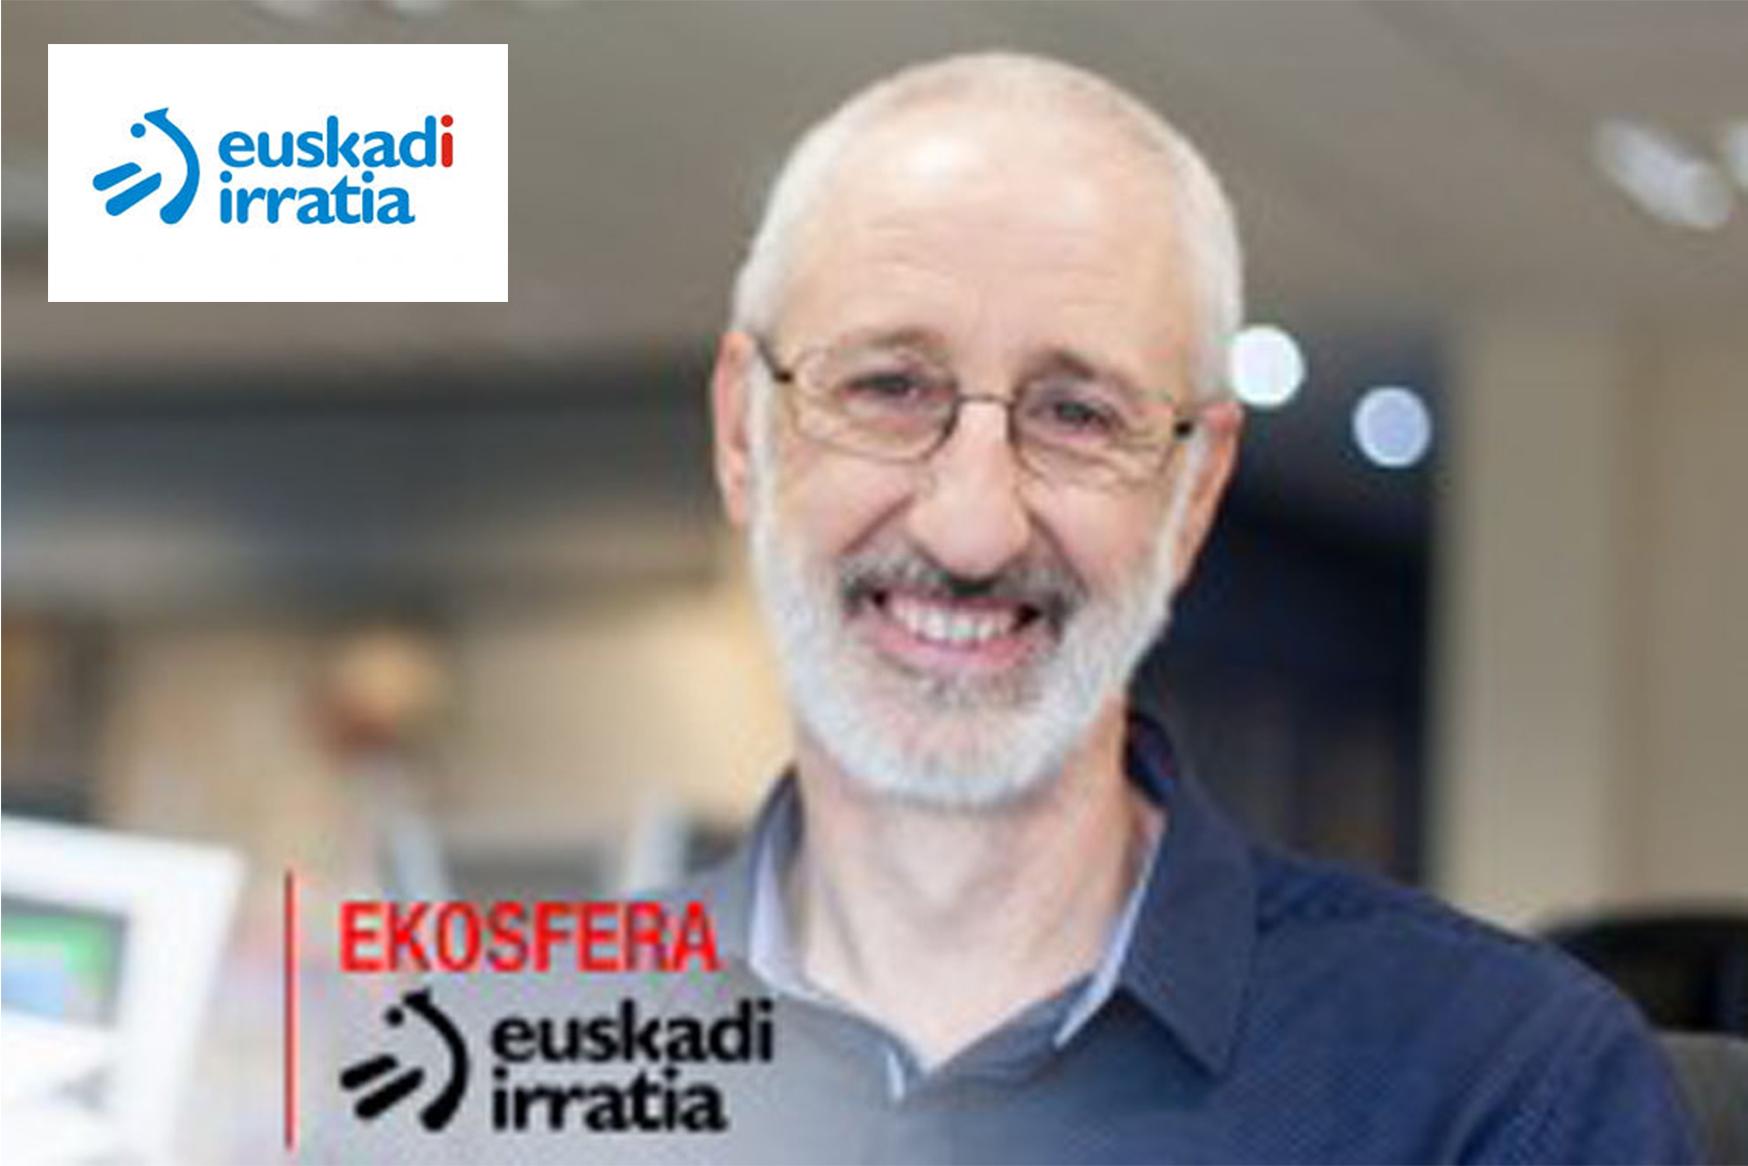 foto noticia: Kursaal Green y La Semana de la Bioconstrucción en Euskadi Irratia